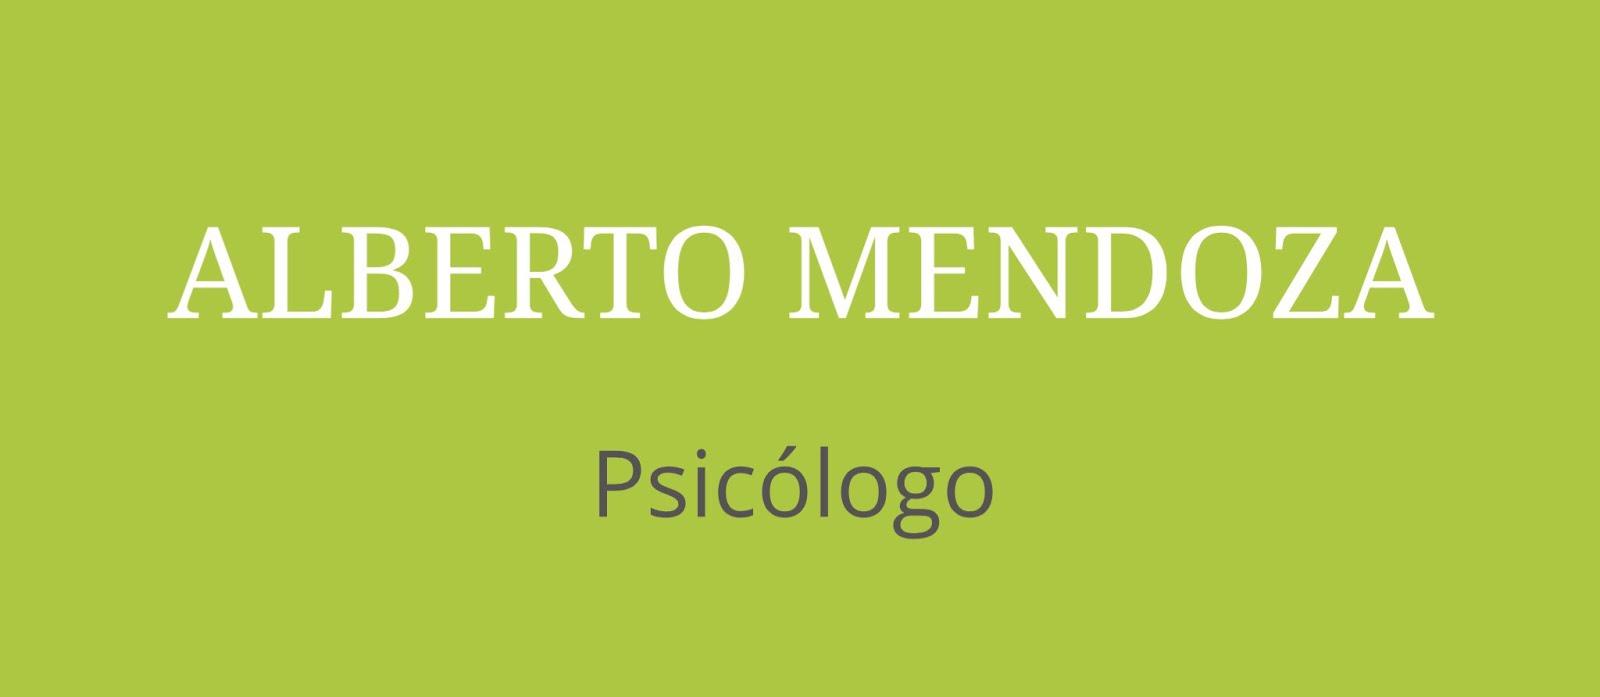 Psic. Alberto Mendoza Capetillo